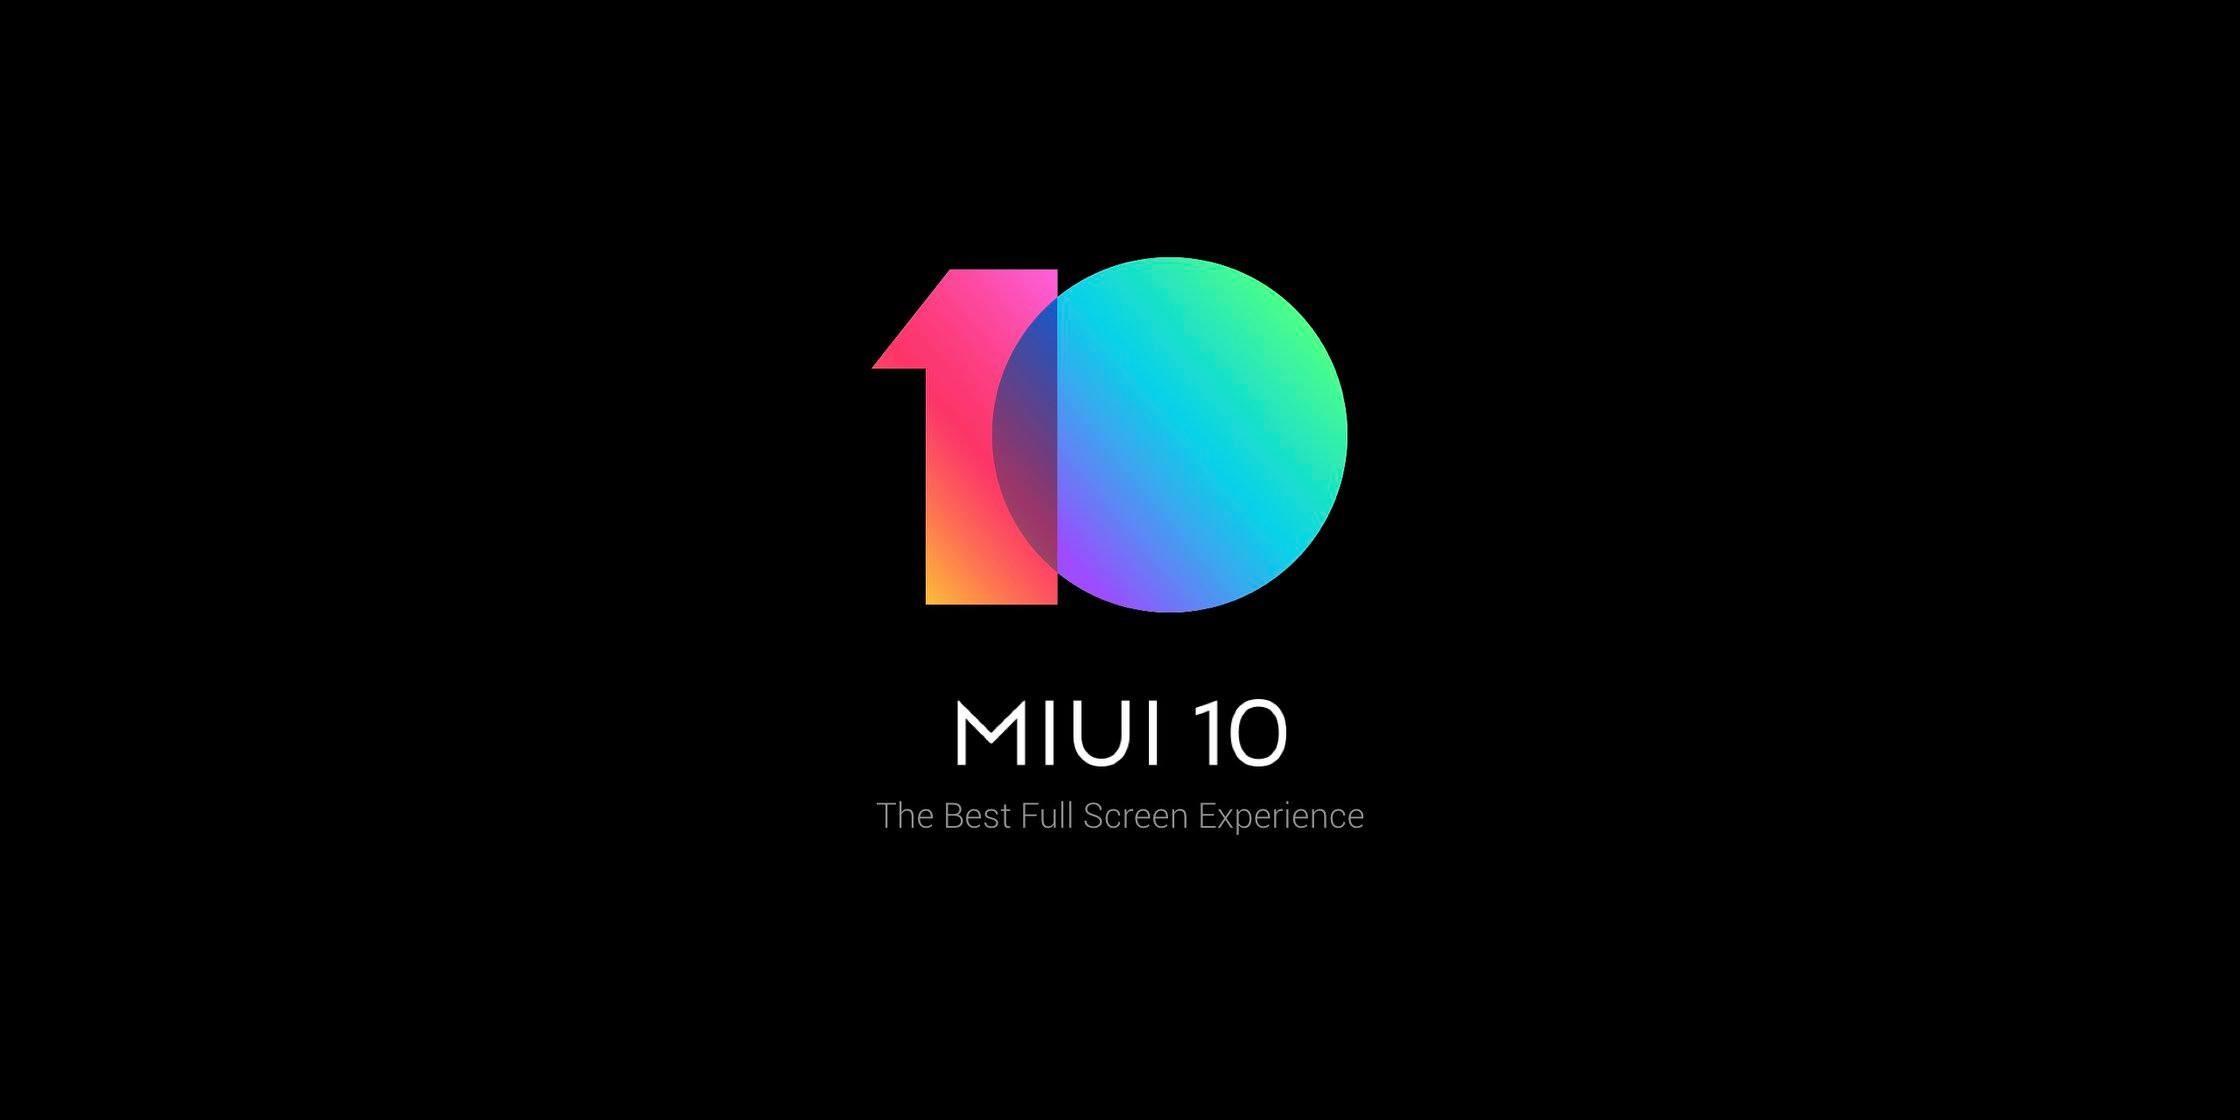 Обновление MIUI 10: скорость, жесты и AI